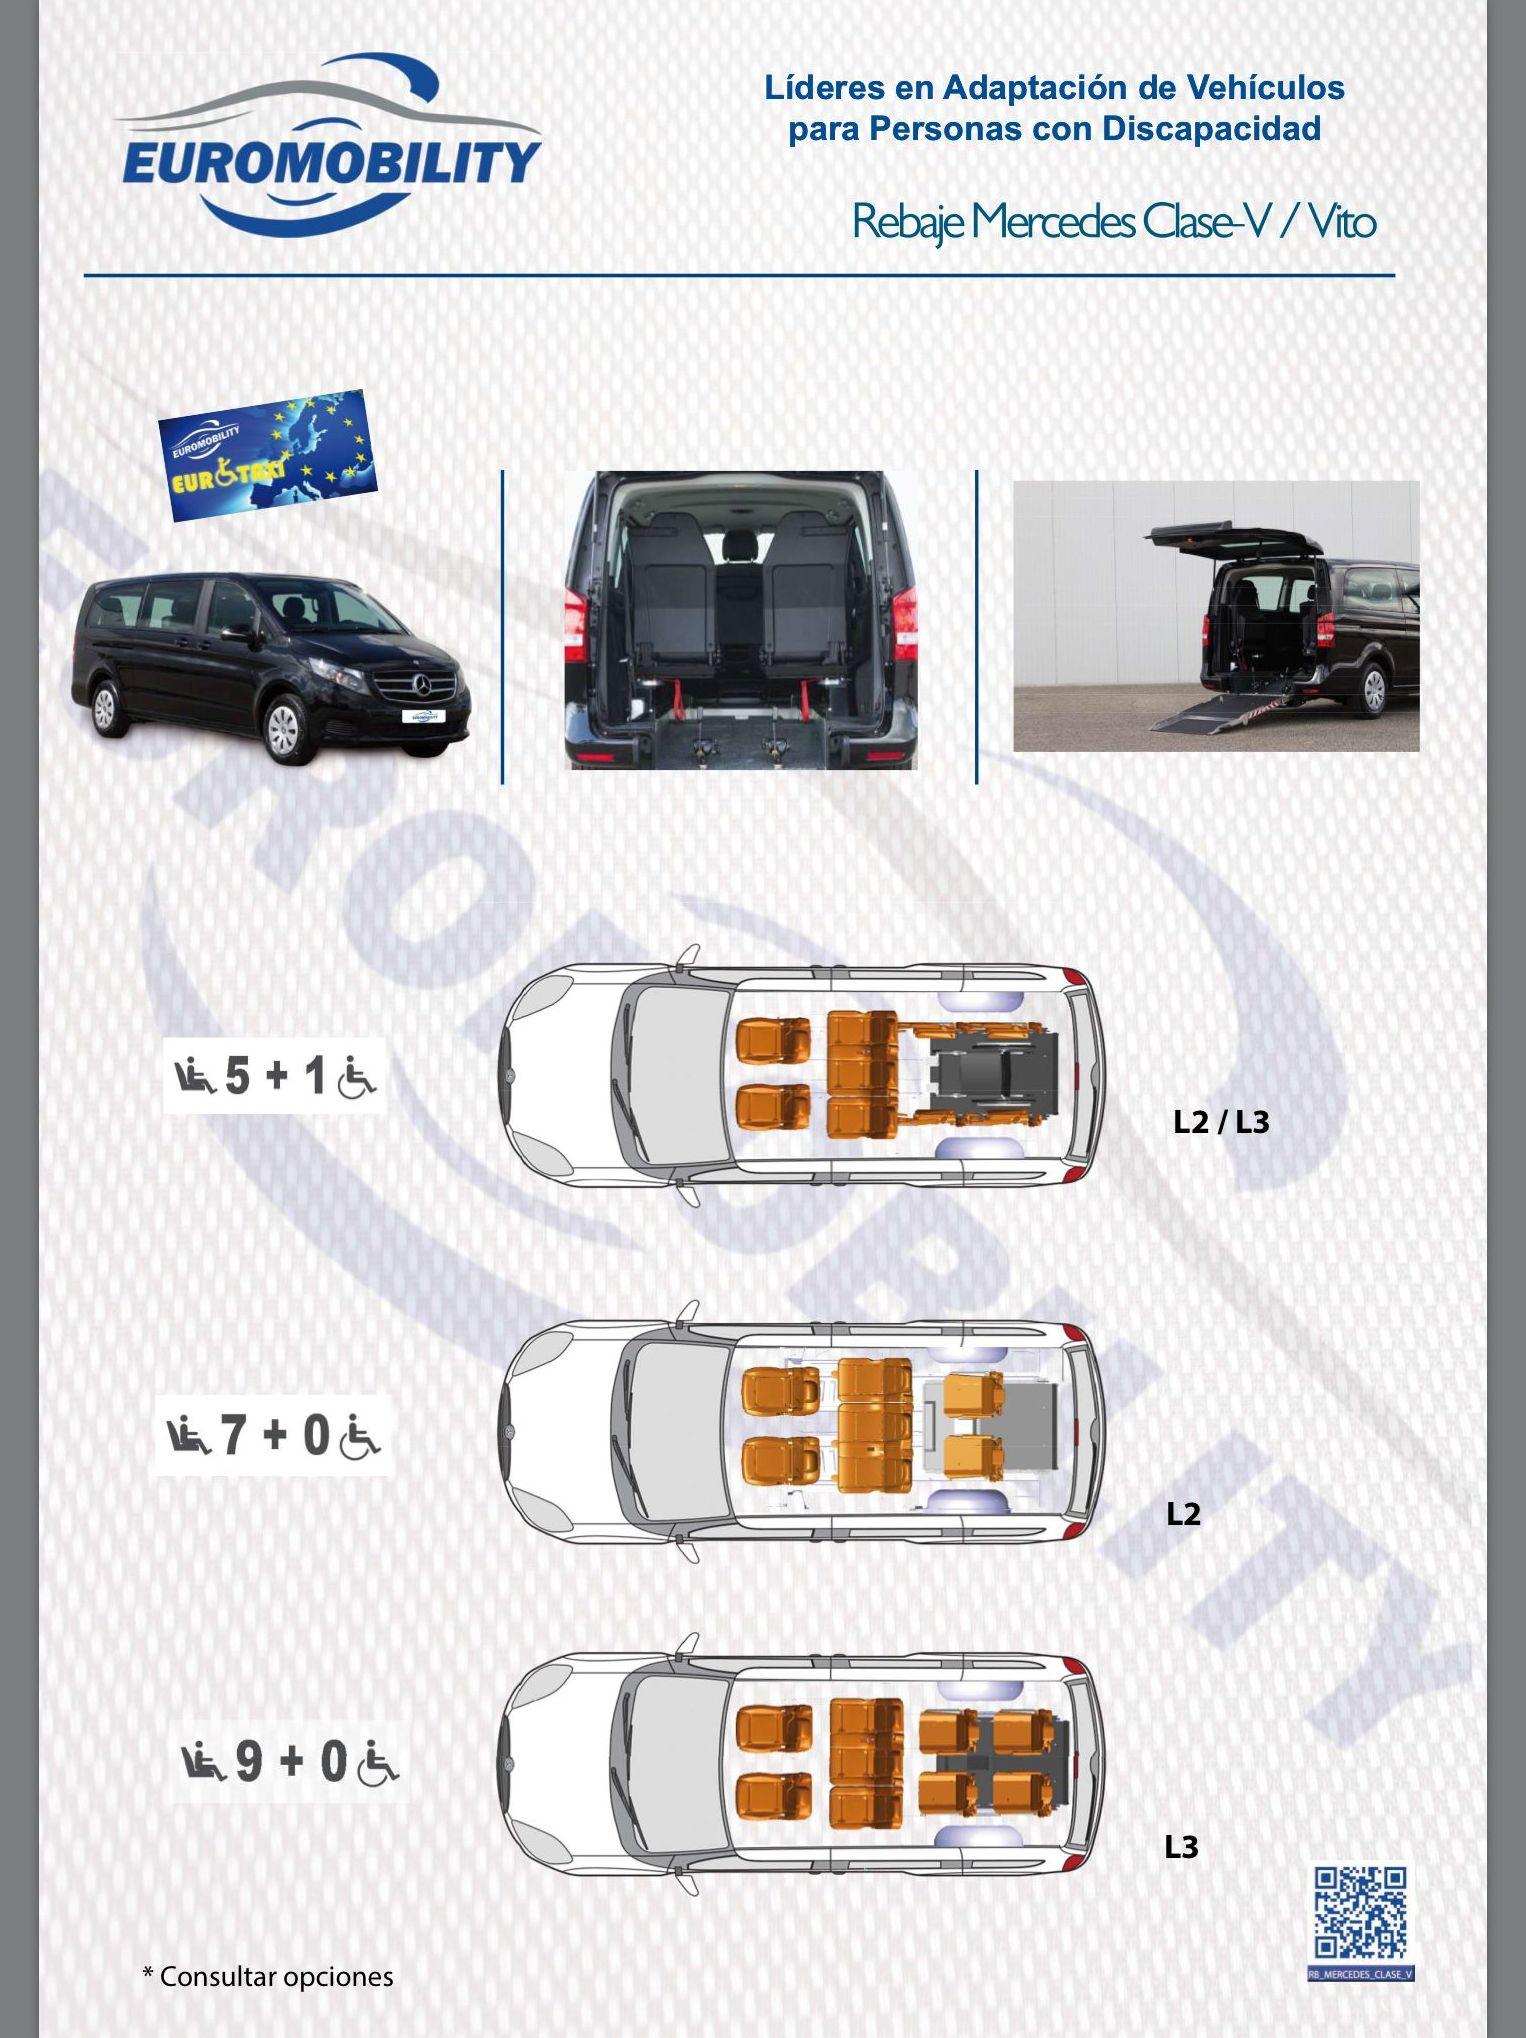 Rebaje de piso / cajeado Mercedes Clase V. Adaptación de vehiculos Asturias